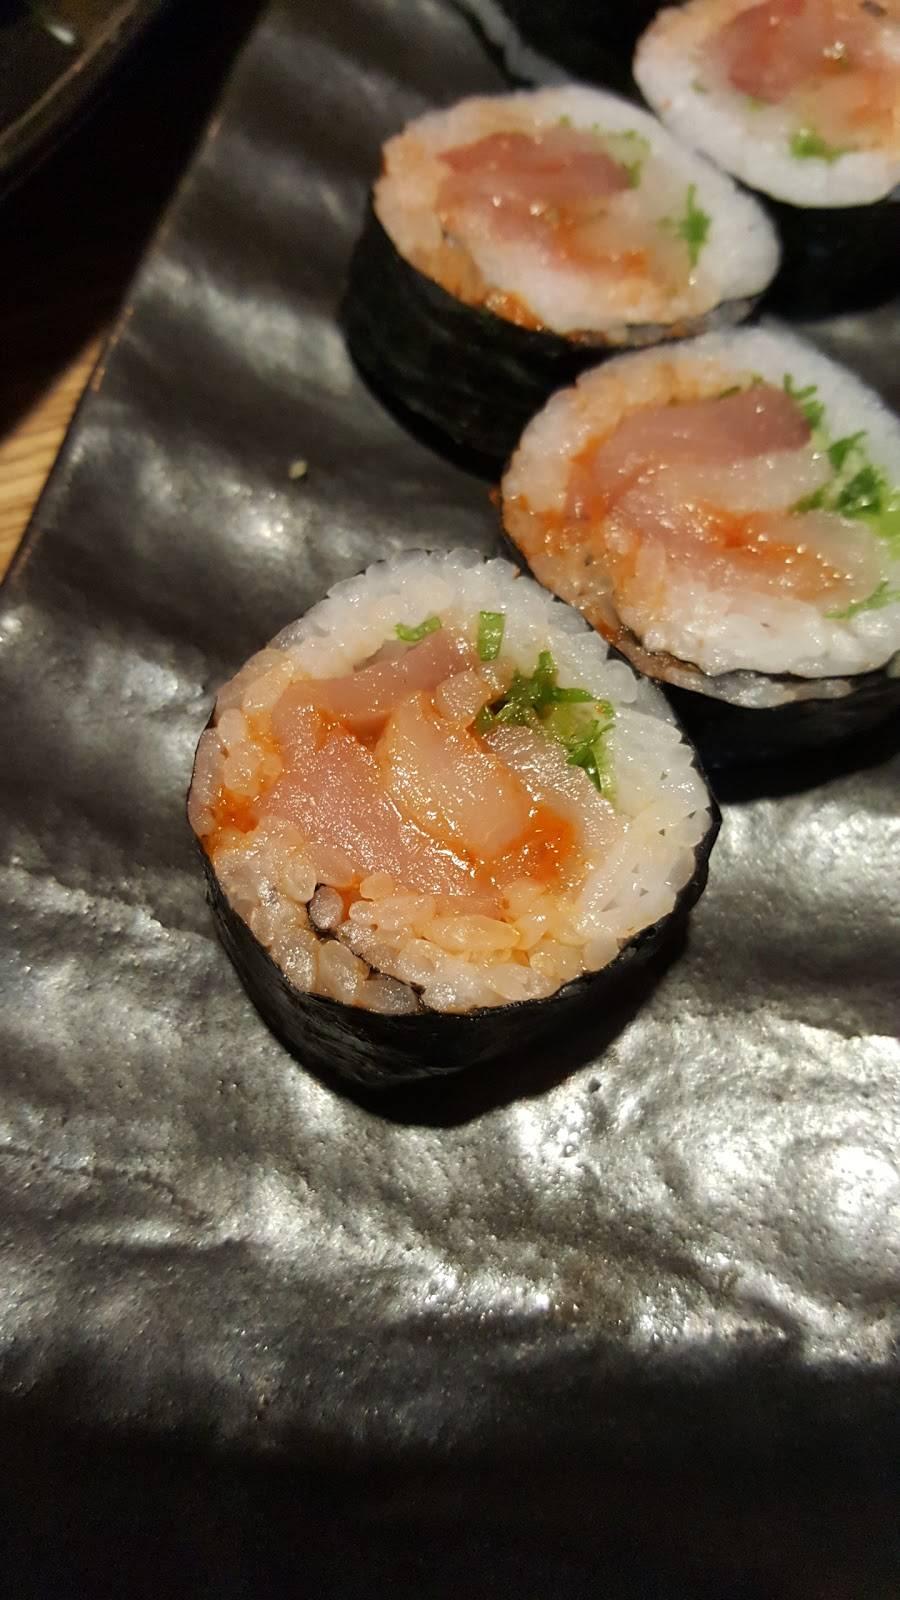 Crazy RockN Sushi - La Puente   restaurant   1065 N Hacienda Blvd, La Puente, CA 91744, USA   6263336265 OR +1 626-333-6265